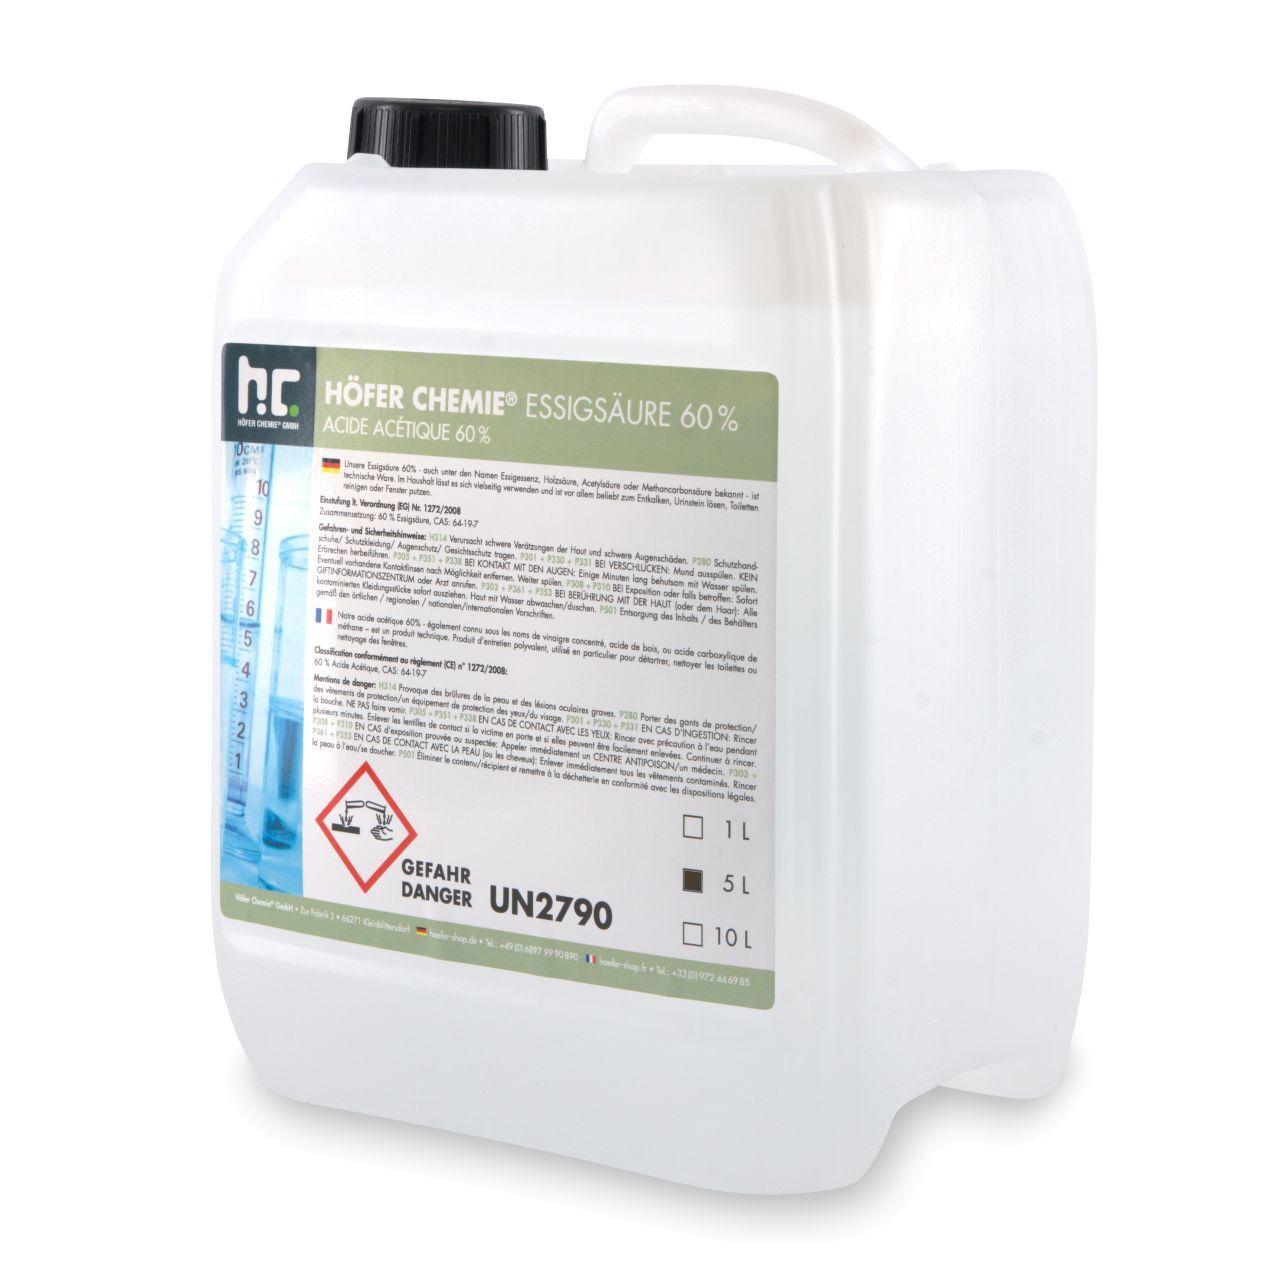 Höfer Chemie 20 l Acide Acétique 60% (4 x 5 l)